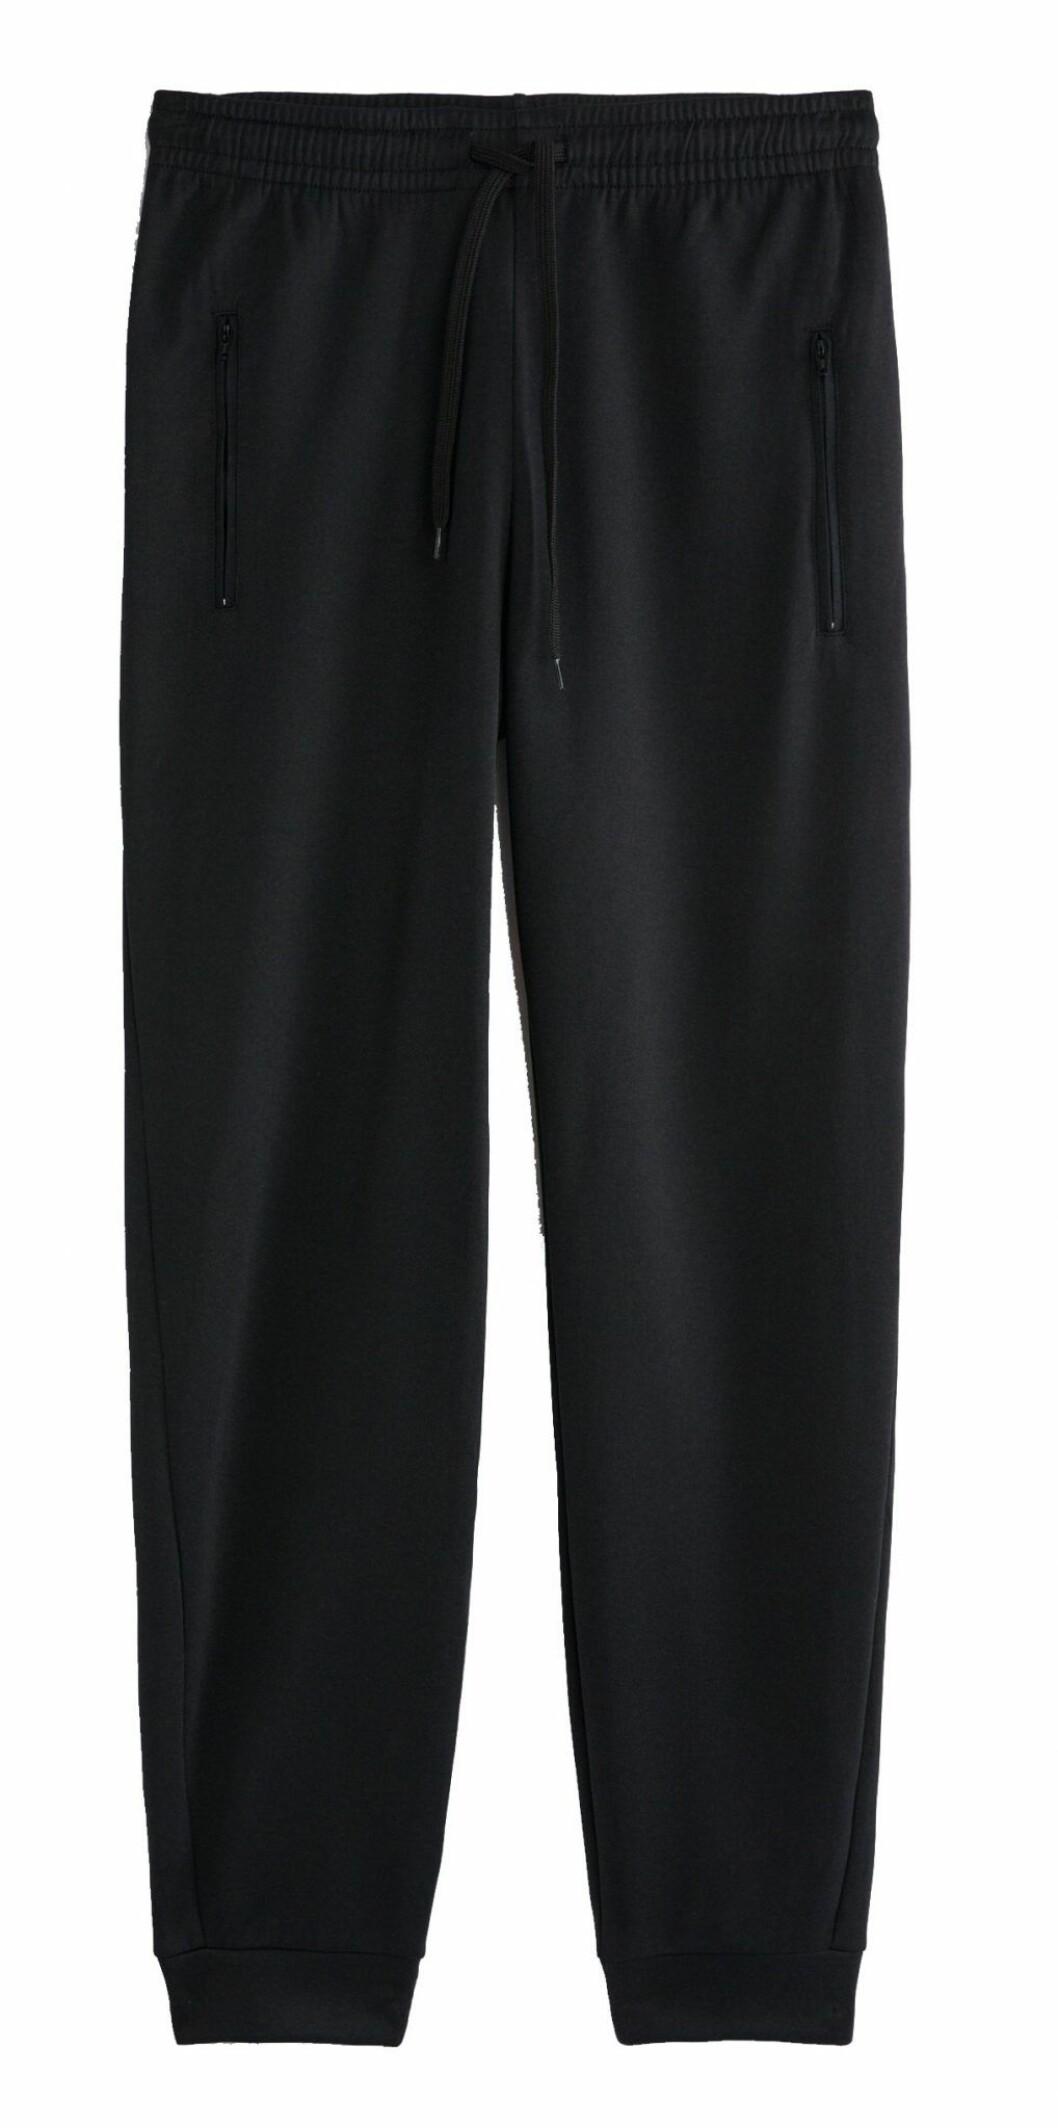 mjukisbyxa i svart från Filippa K soft sport.